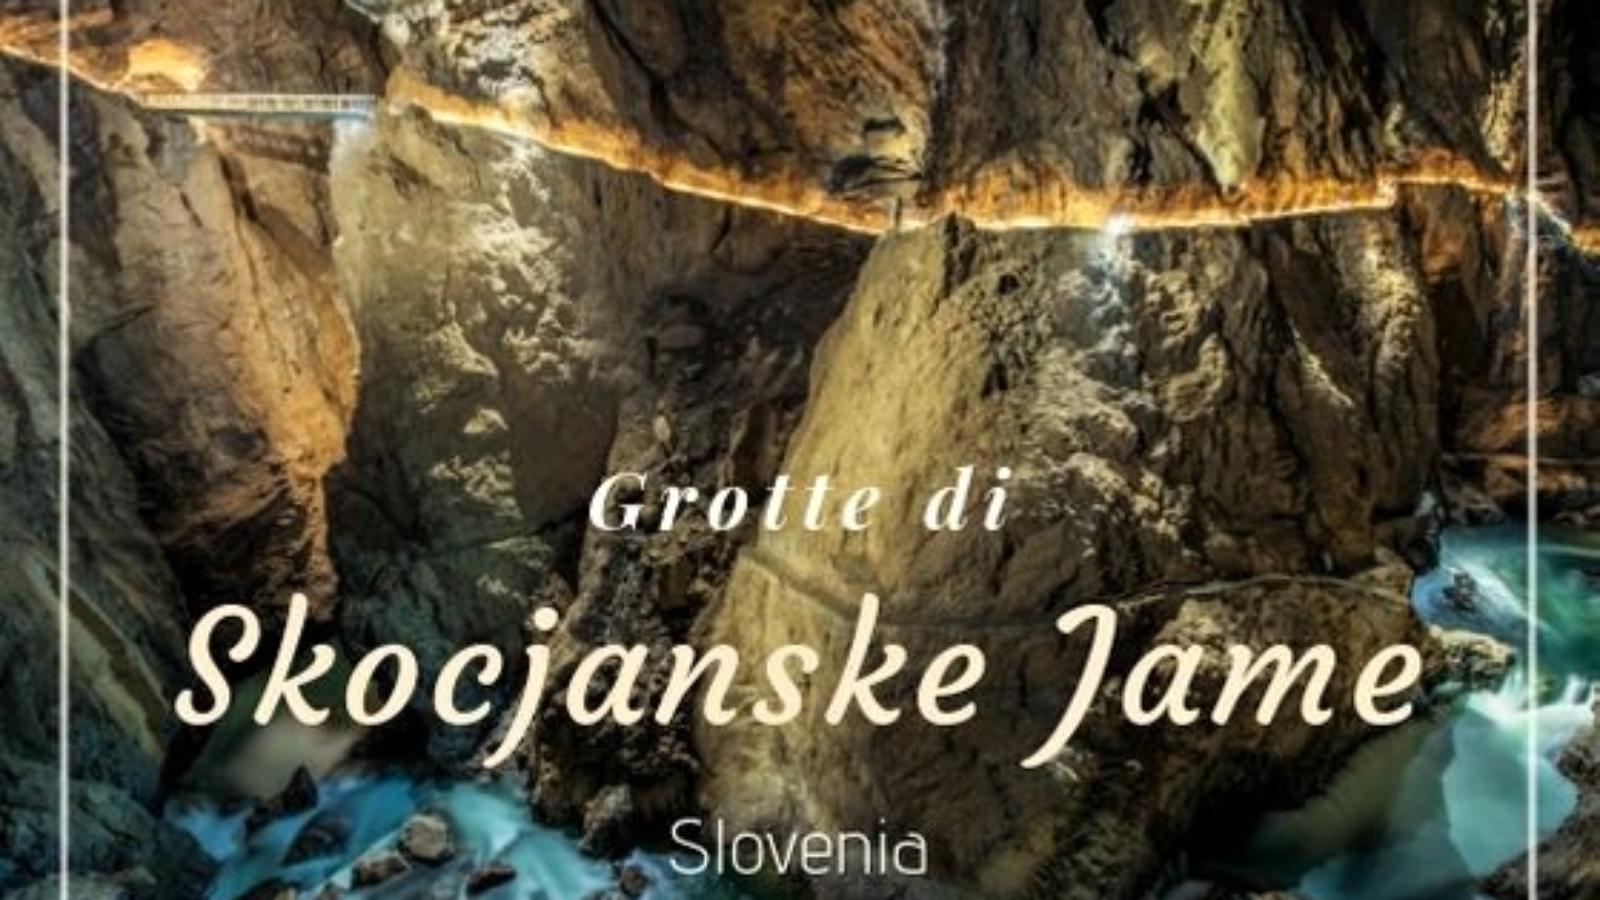 Škocjanske jame, le grotte che non ti aspetti!